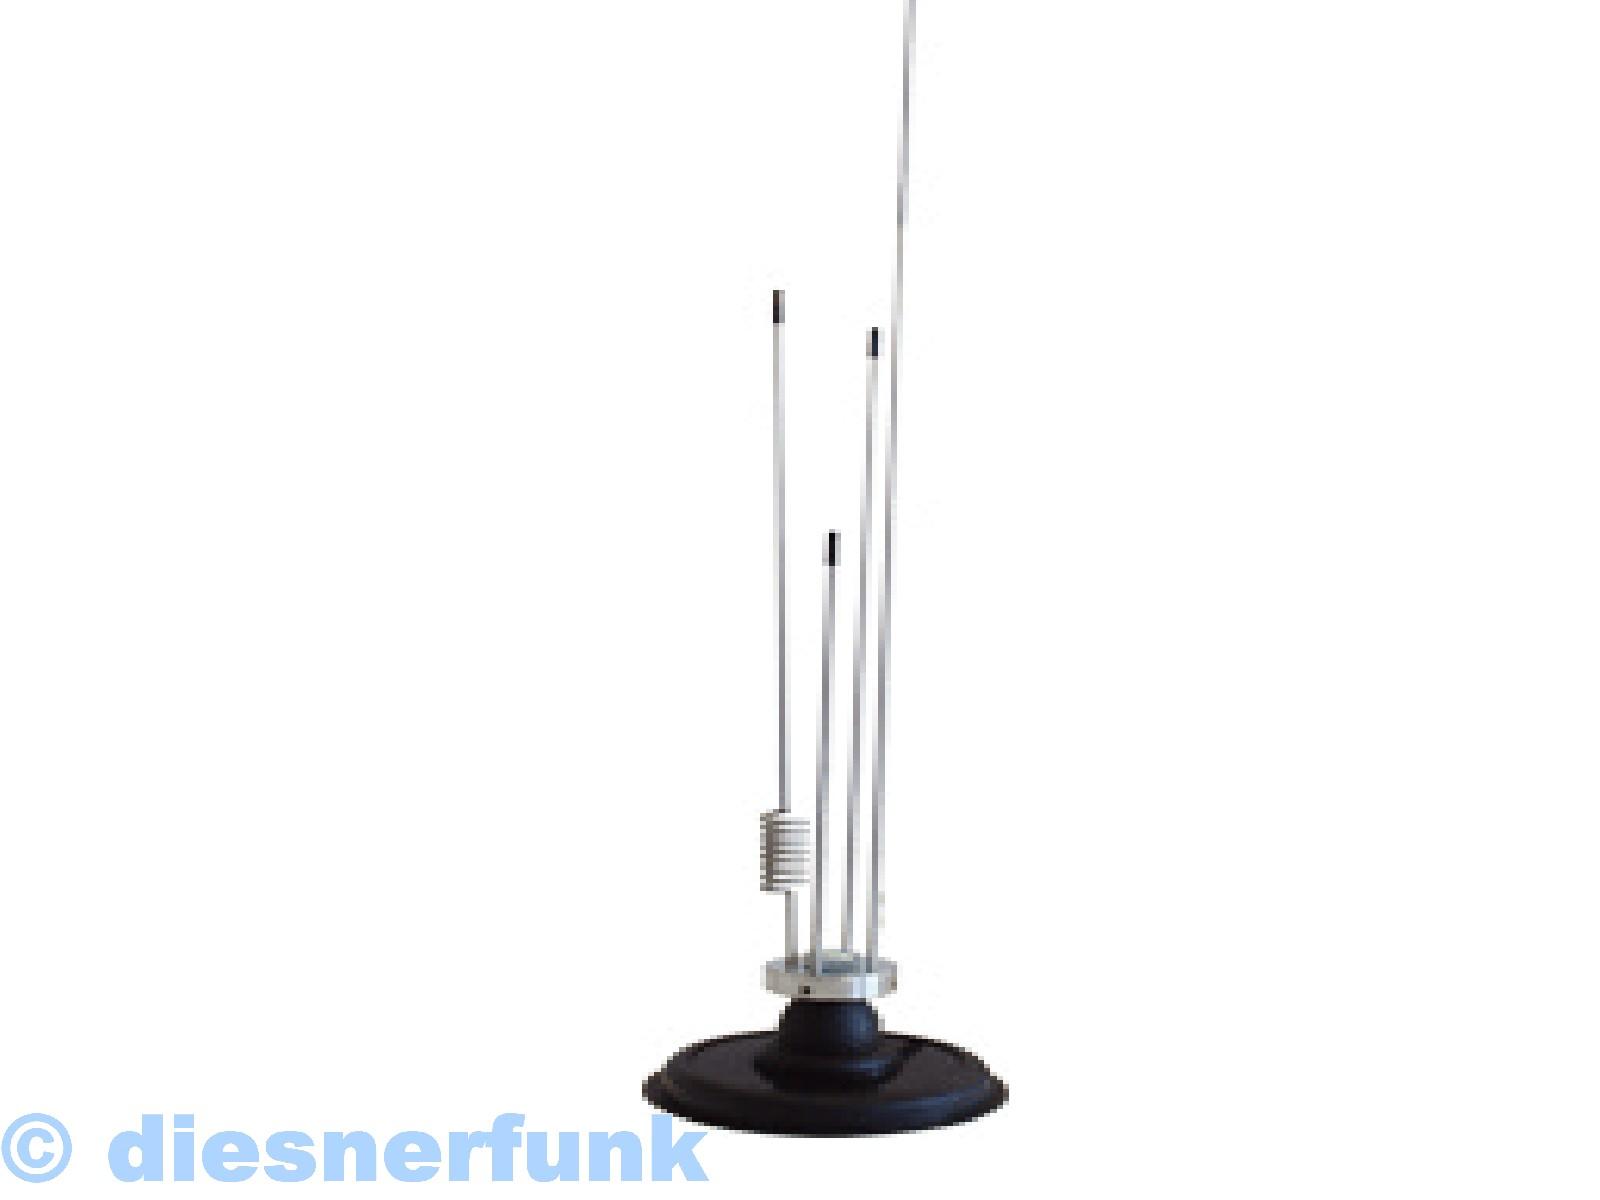 funkscanner sky scan mk2 bos magnet antenne f r scanner albrecht ae 69 72 92 ubc ebay. Black Bedroom Furniture Sets. Home Design Ideas